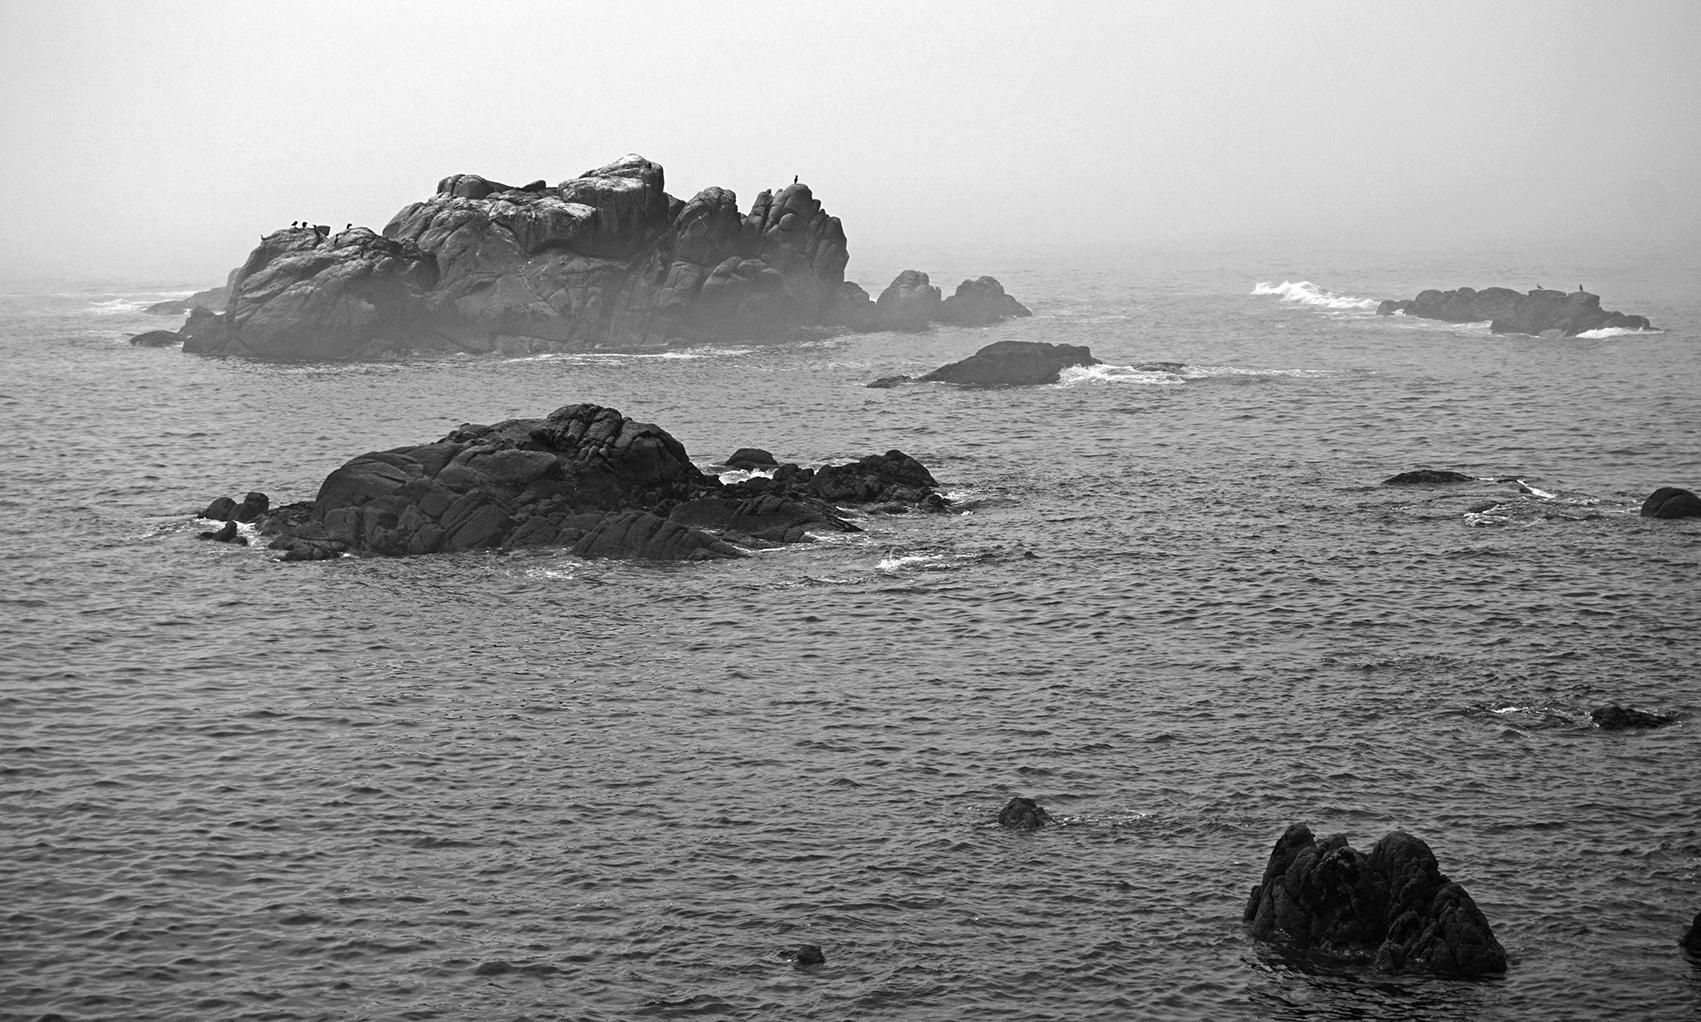 Illots enmig de la boira. Quart itinerari per A Coruña